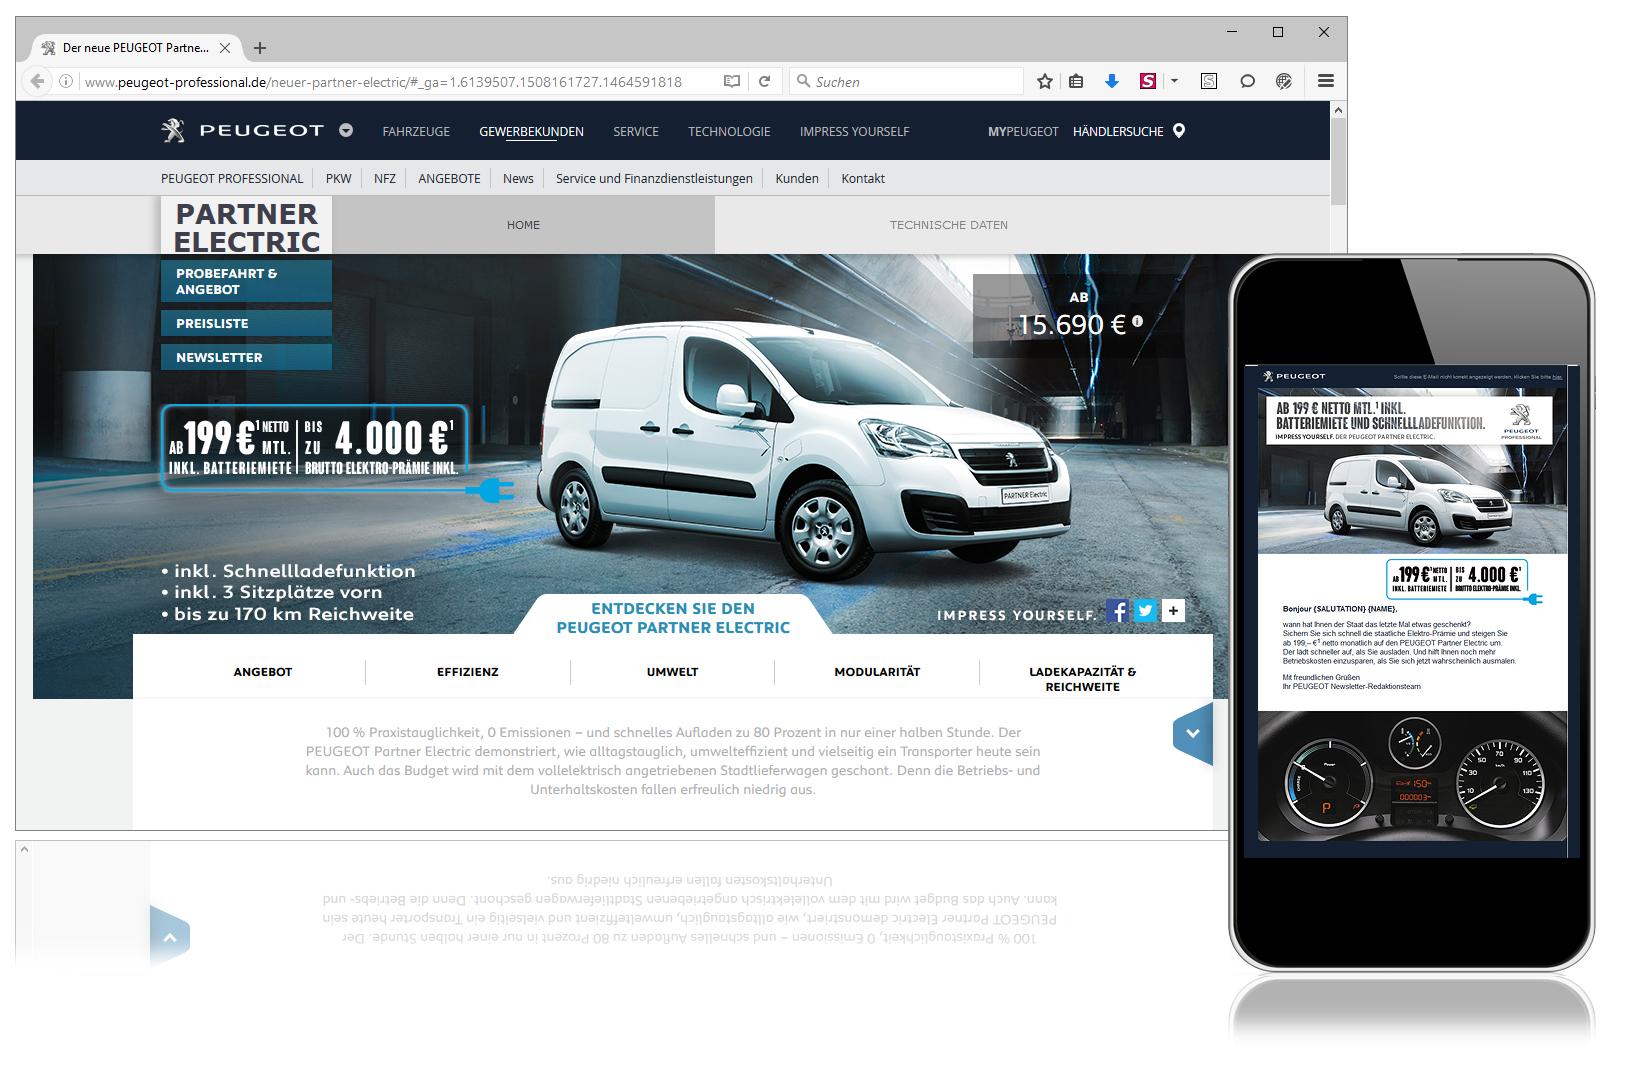 PEUGEOT_Partner_Electric_Below_Vertriebsmarketing